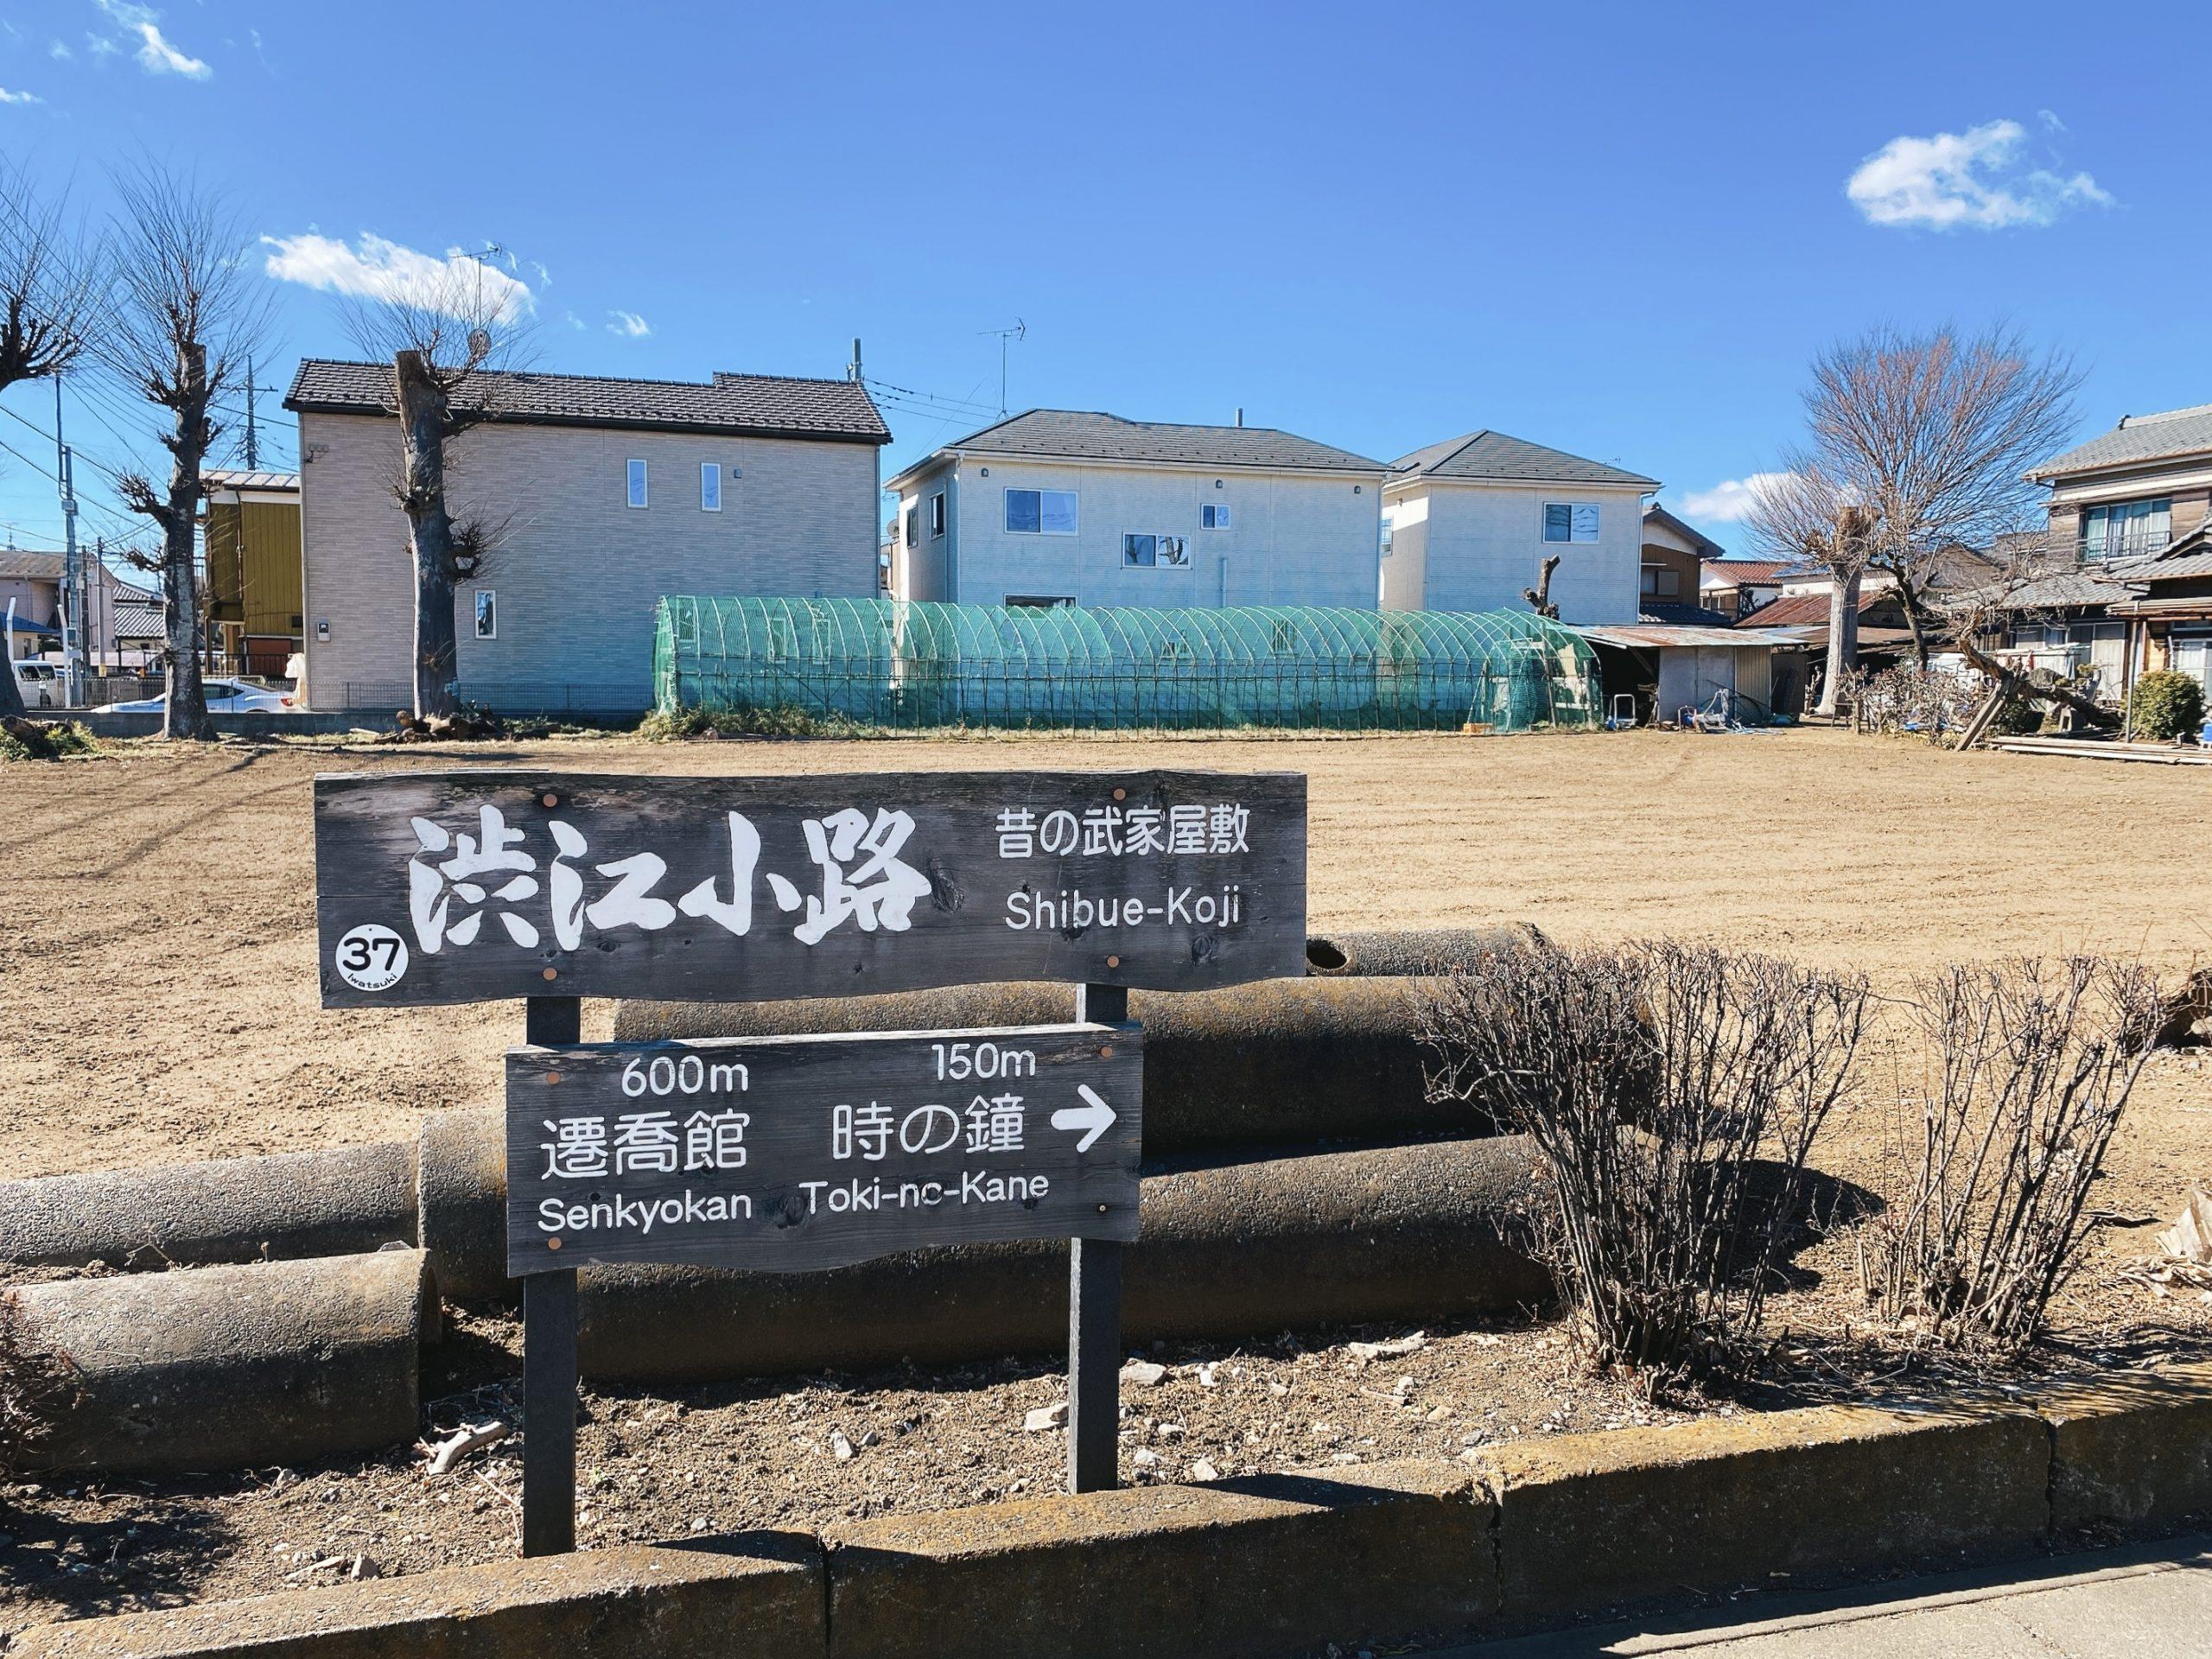 城下町の旧跡名称の標柱 渋江小路